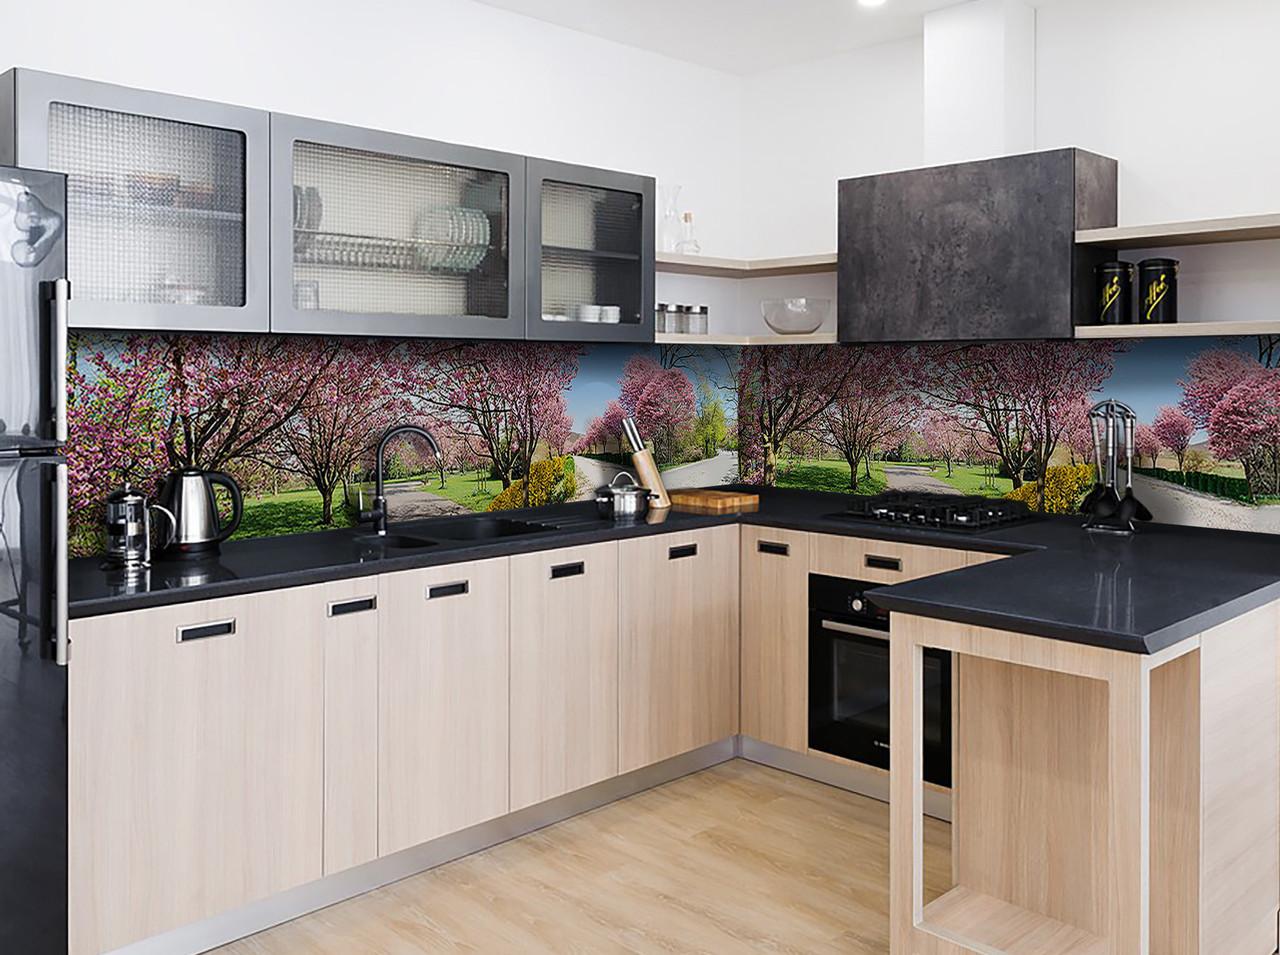 """Скинали на кухню Zatarga """"Цветущий сад"""" 600х2500 мм виниловая 3Д наклейка кухонный фартук самоклеящаяся"""